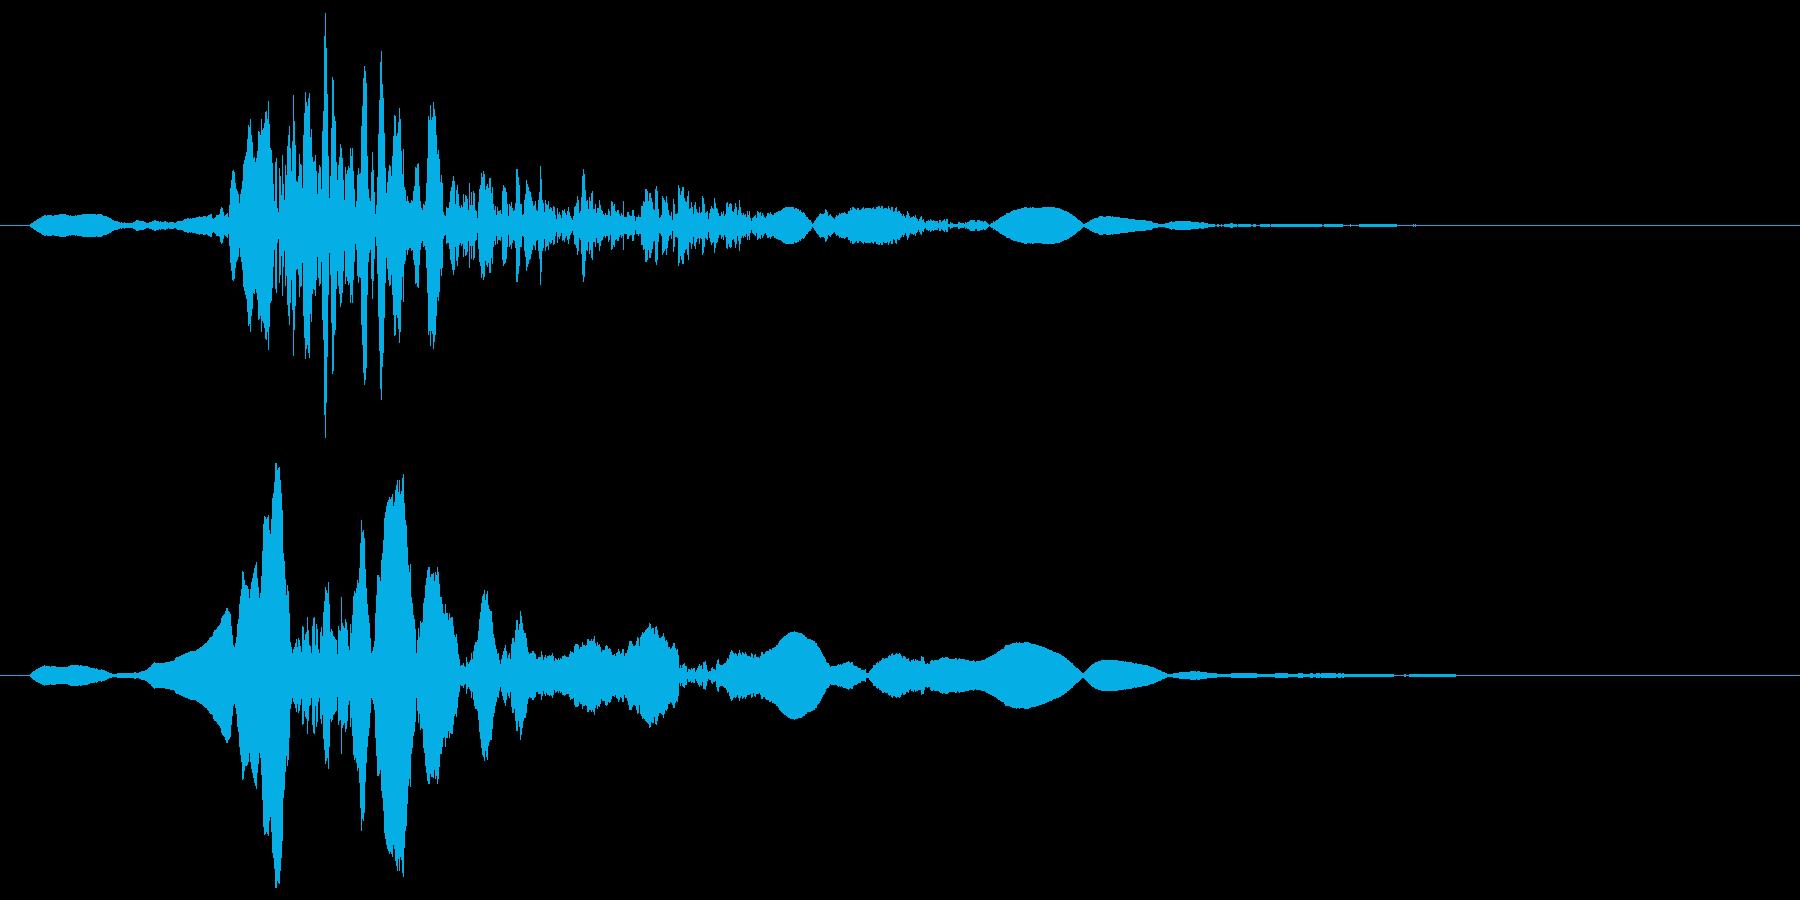 ザッ!というエアーな効果音の再生済みの波形